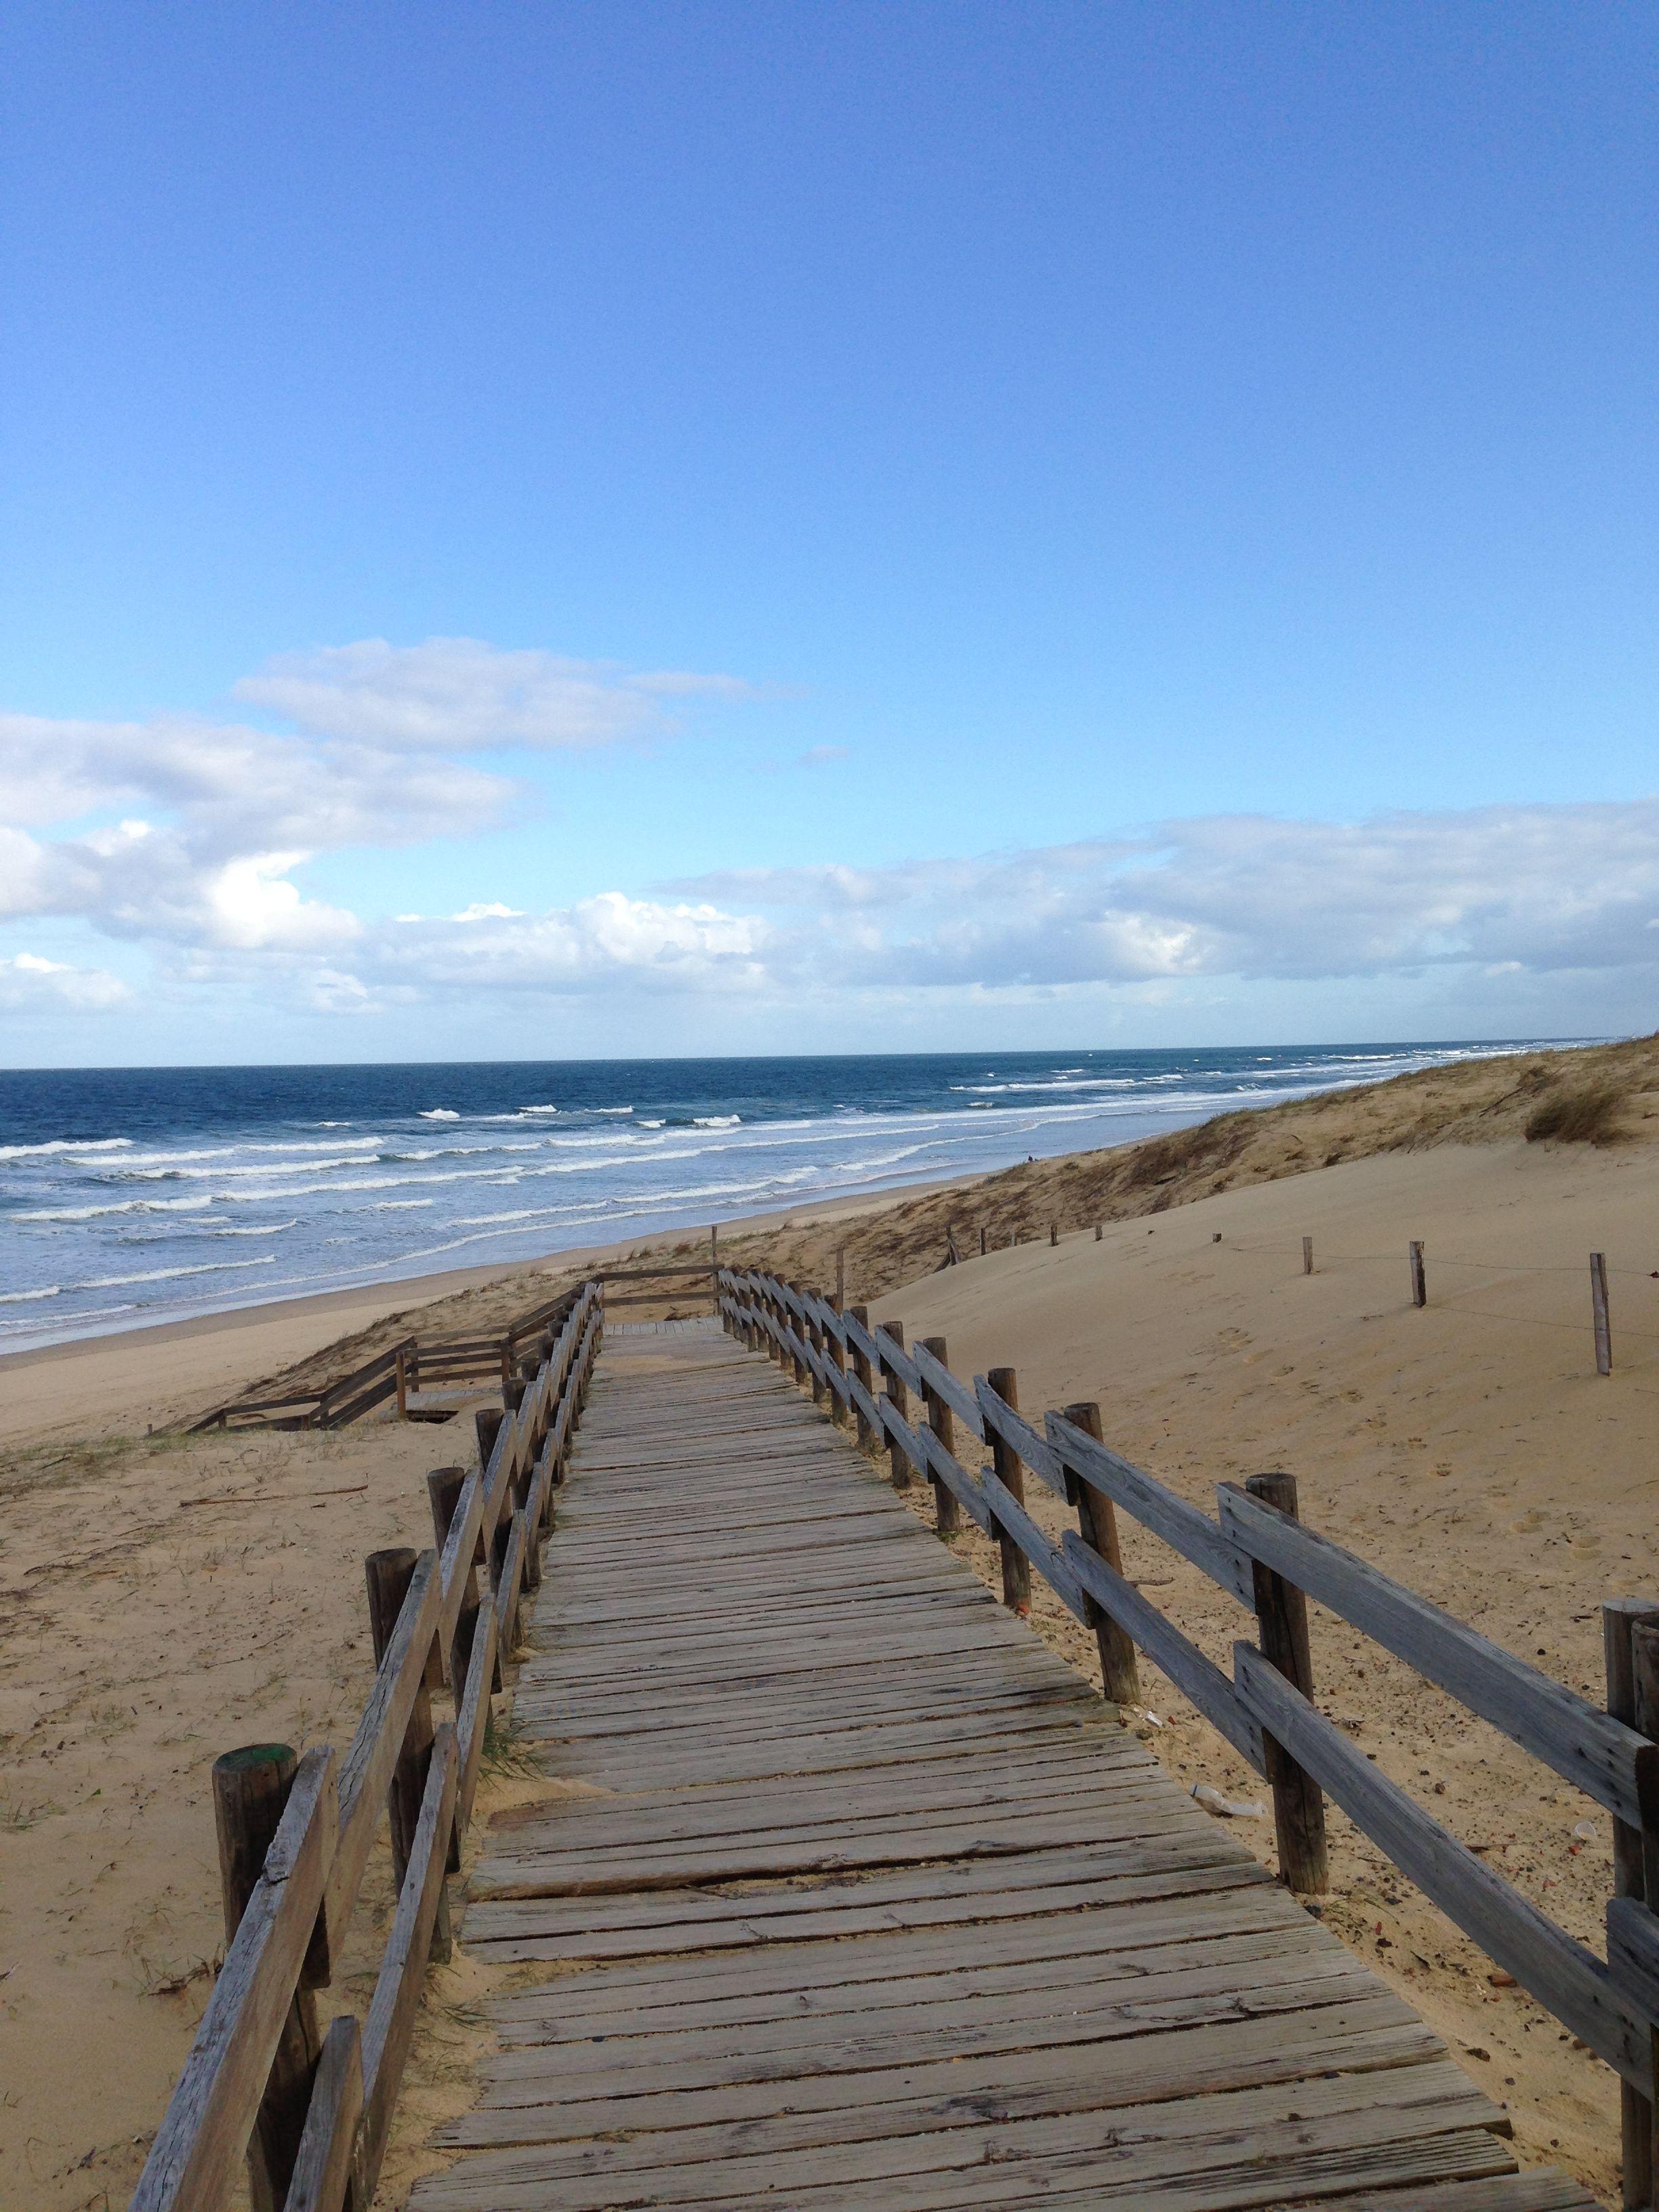 Chemin vers la plage de messanges landes messanges plage bois littoral beach waves - Office de tourisme messanges ...